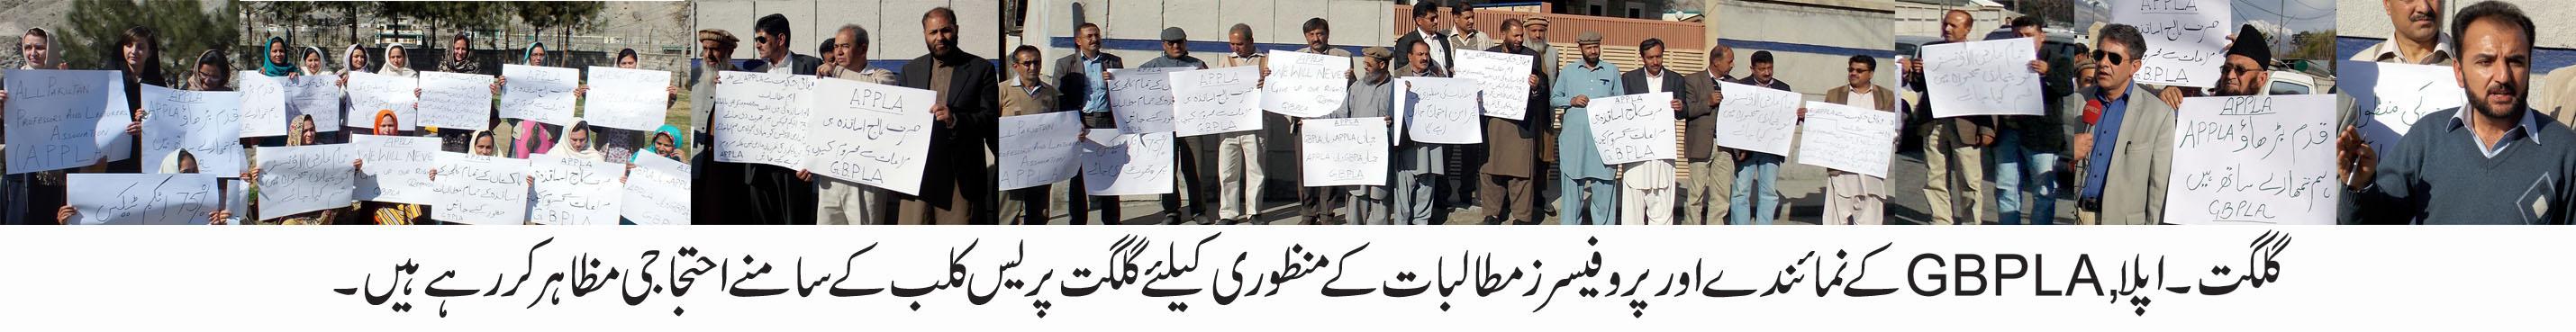 آل پاکستان پروفیسرز اینڈ لیکچررز کی کال پر چار اہم مطالبات لیے گلگت کے معلمین احتجاج کرنے نکل پڑے